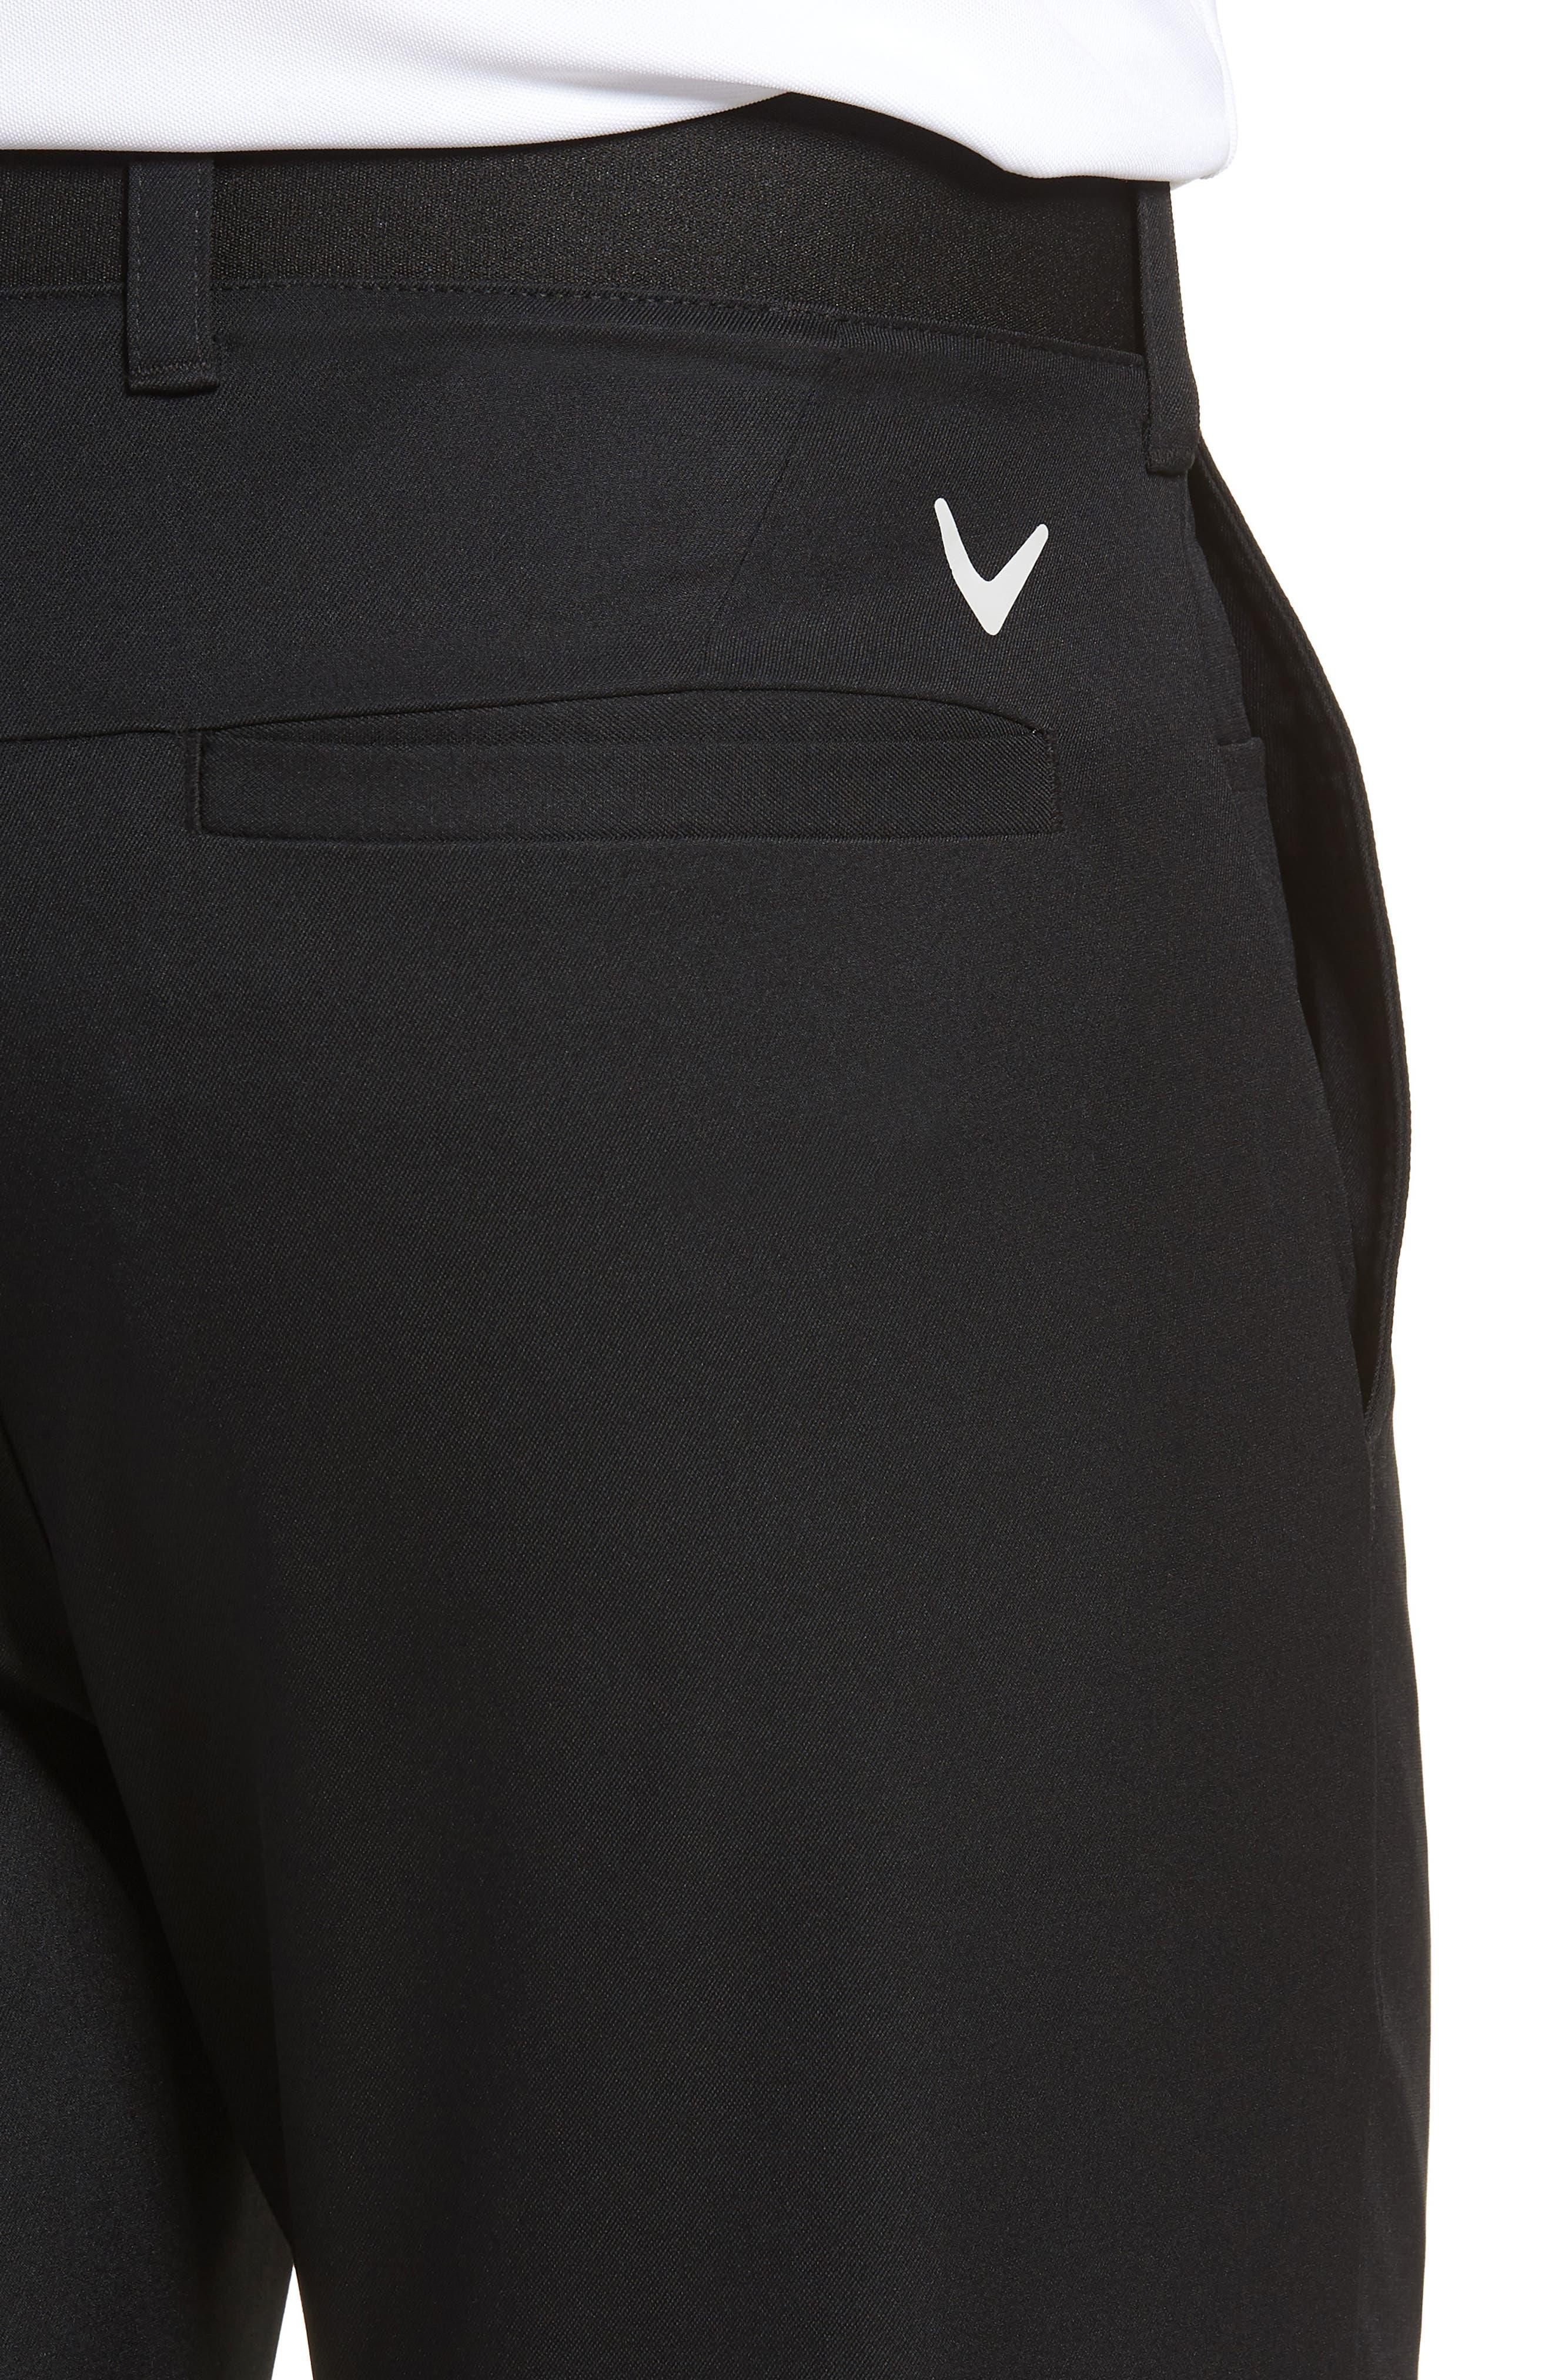 Tech Slim Fit Pants,                             Alternate thumbnail 10, color,